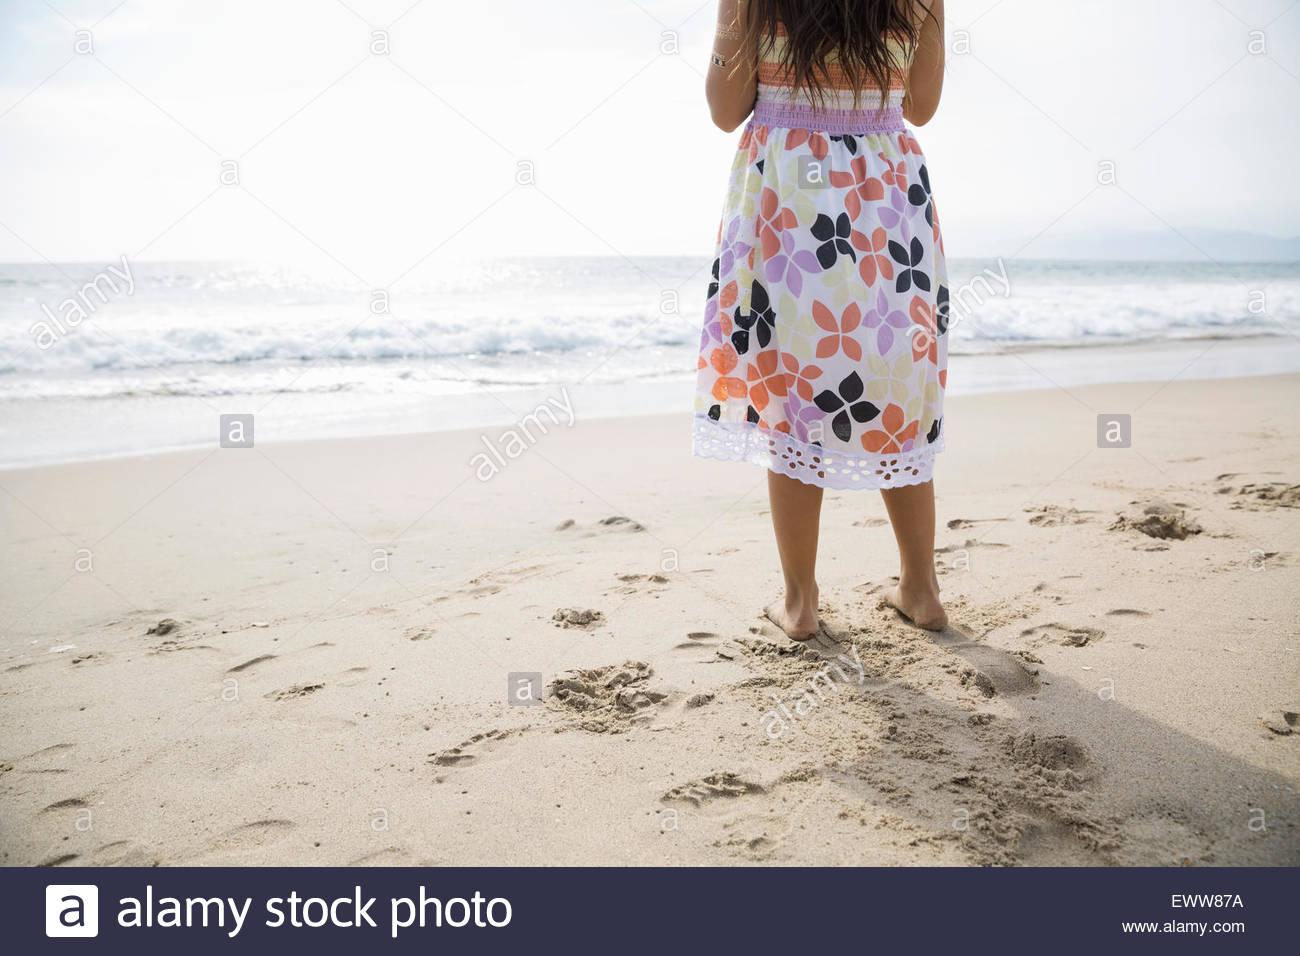 Mädchen im Sonnenkleid am Sonnenstrand Stockbild